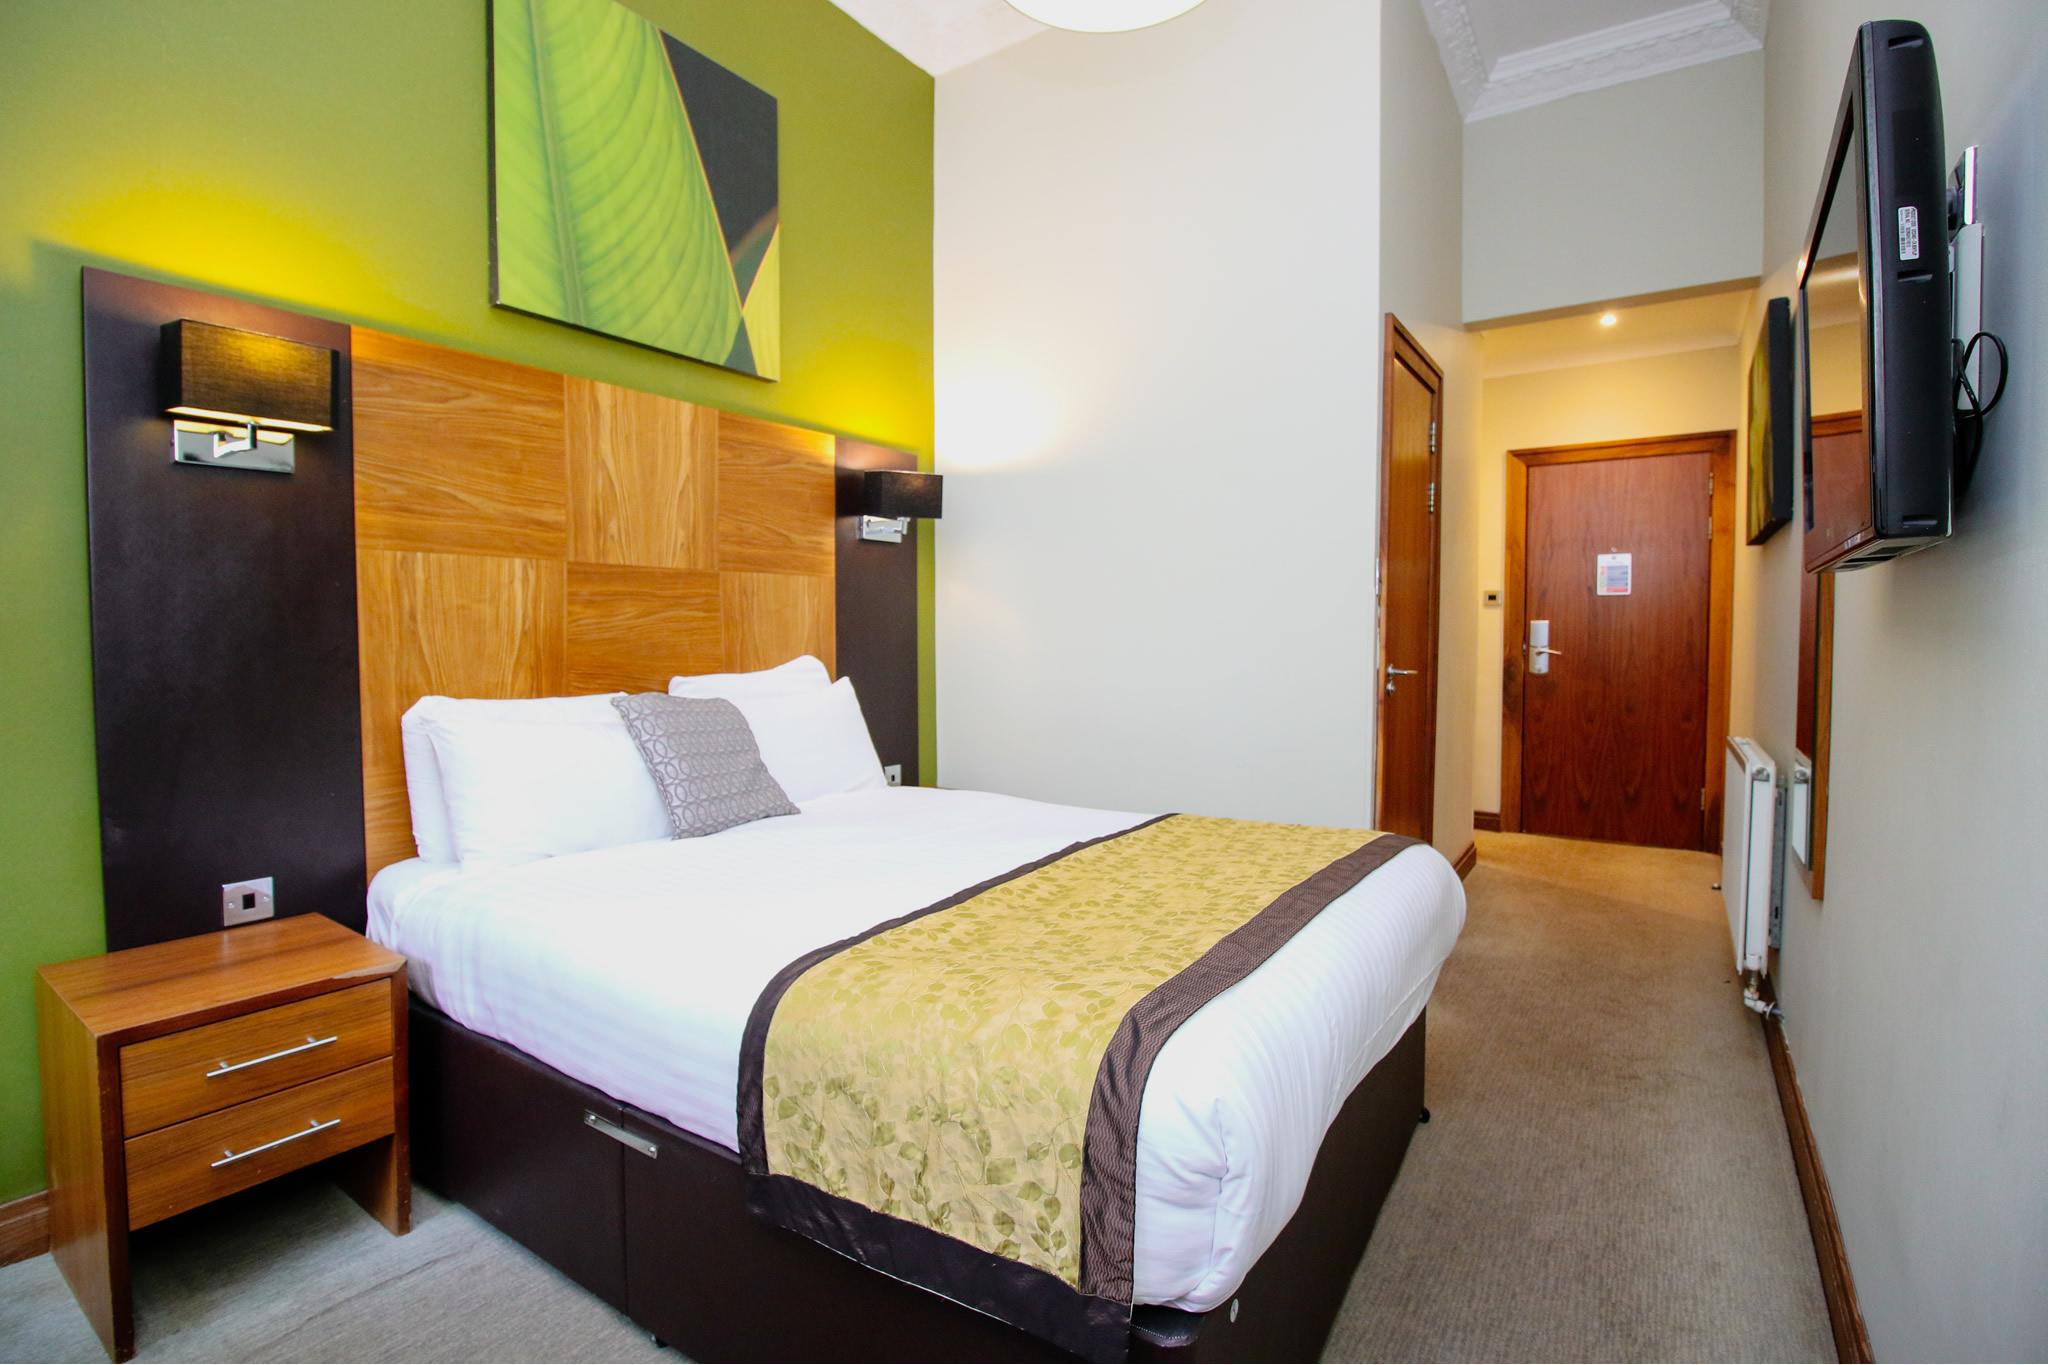 Imágenes del Hotel Acorn